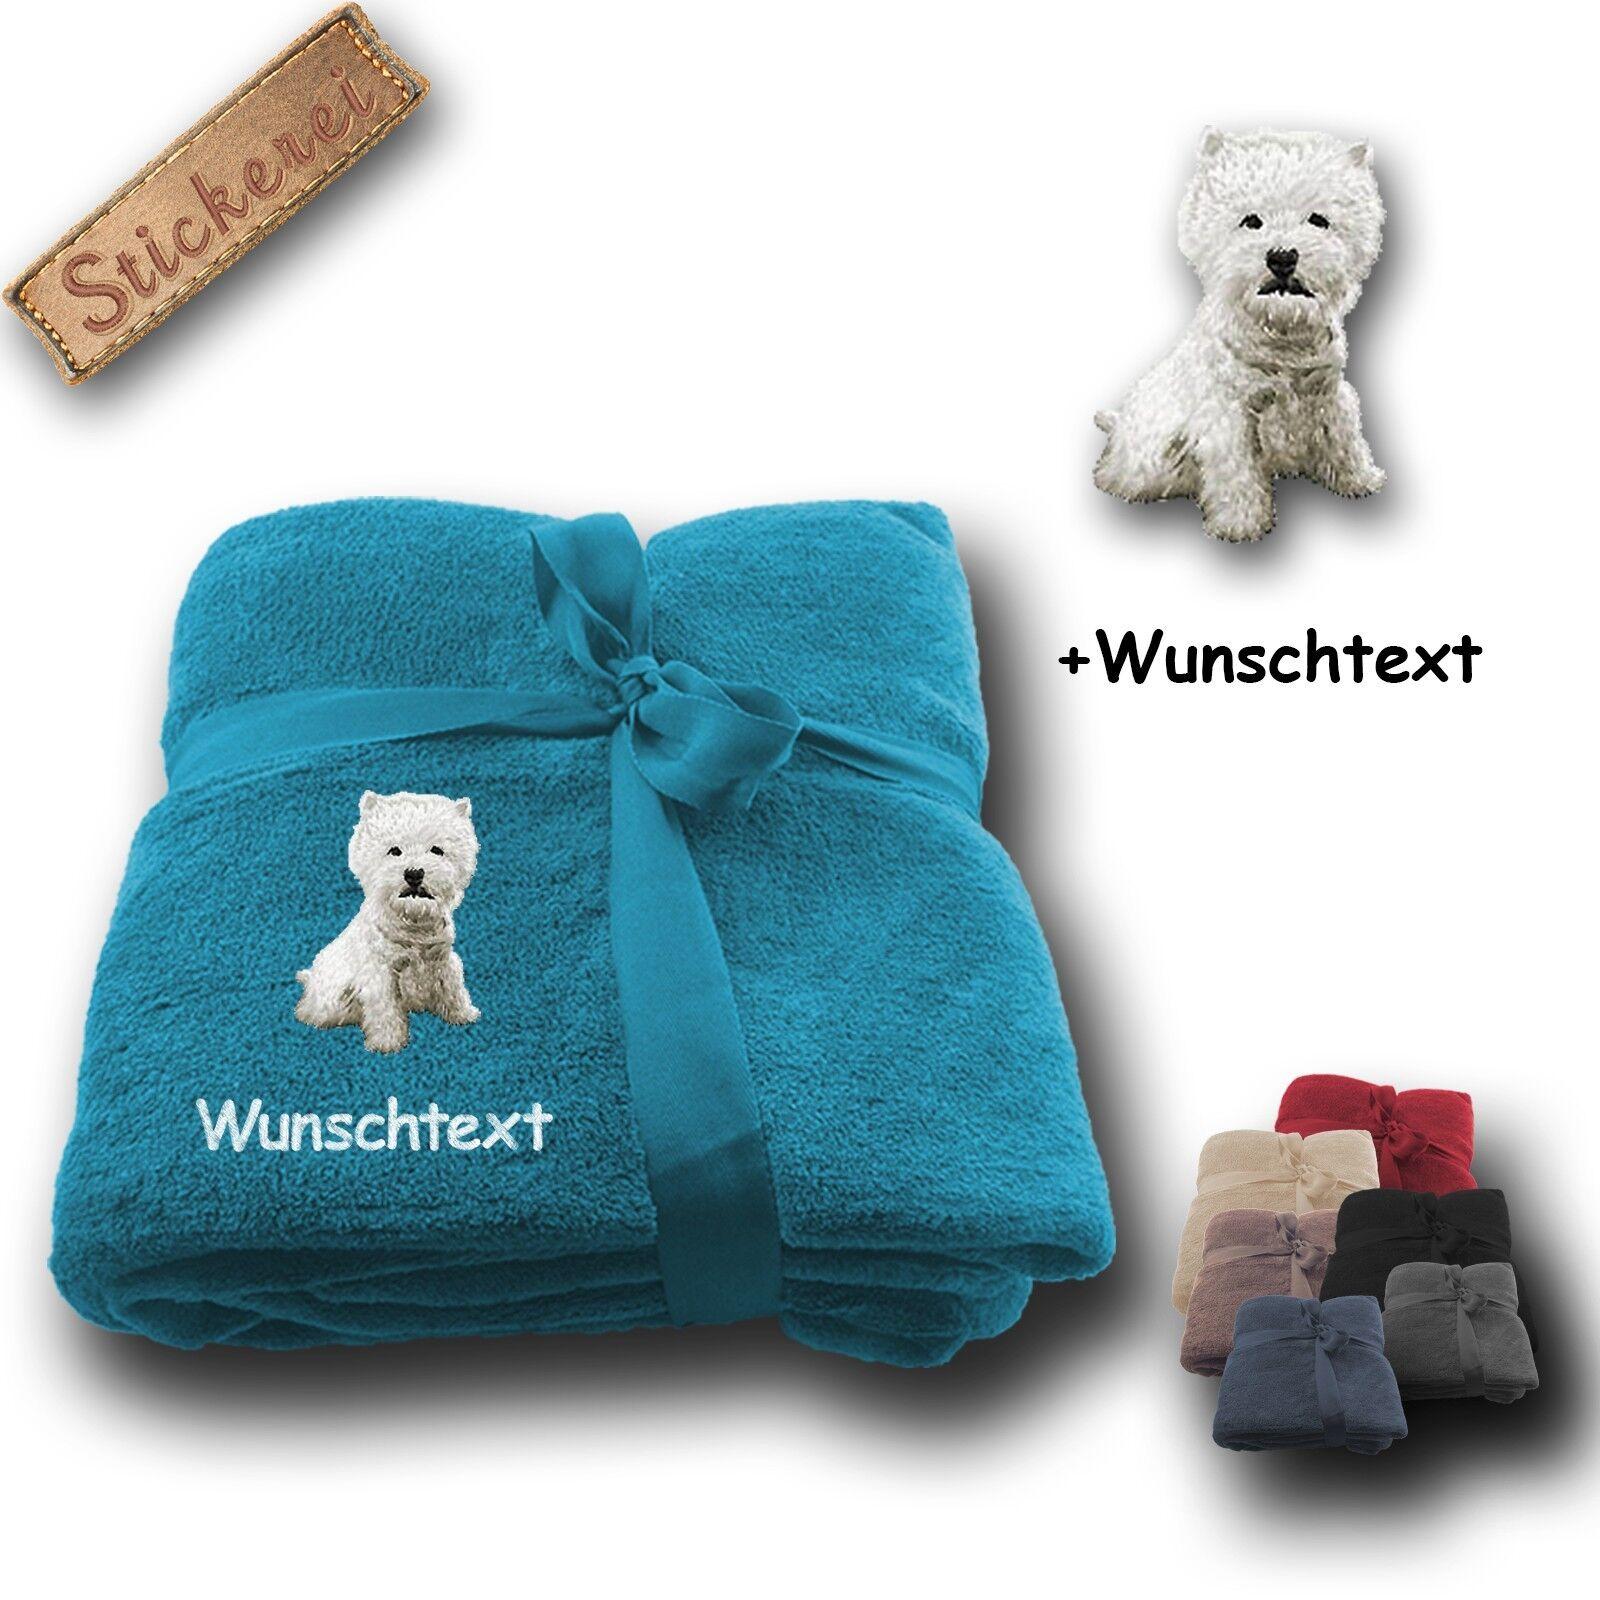 Coperta soffice coperta West Highland White Terrier  desiderio di testo, ricamo, 180x130cm